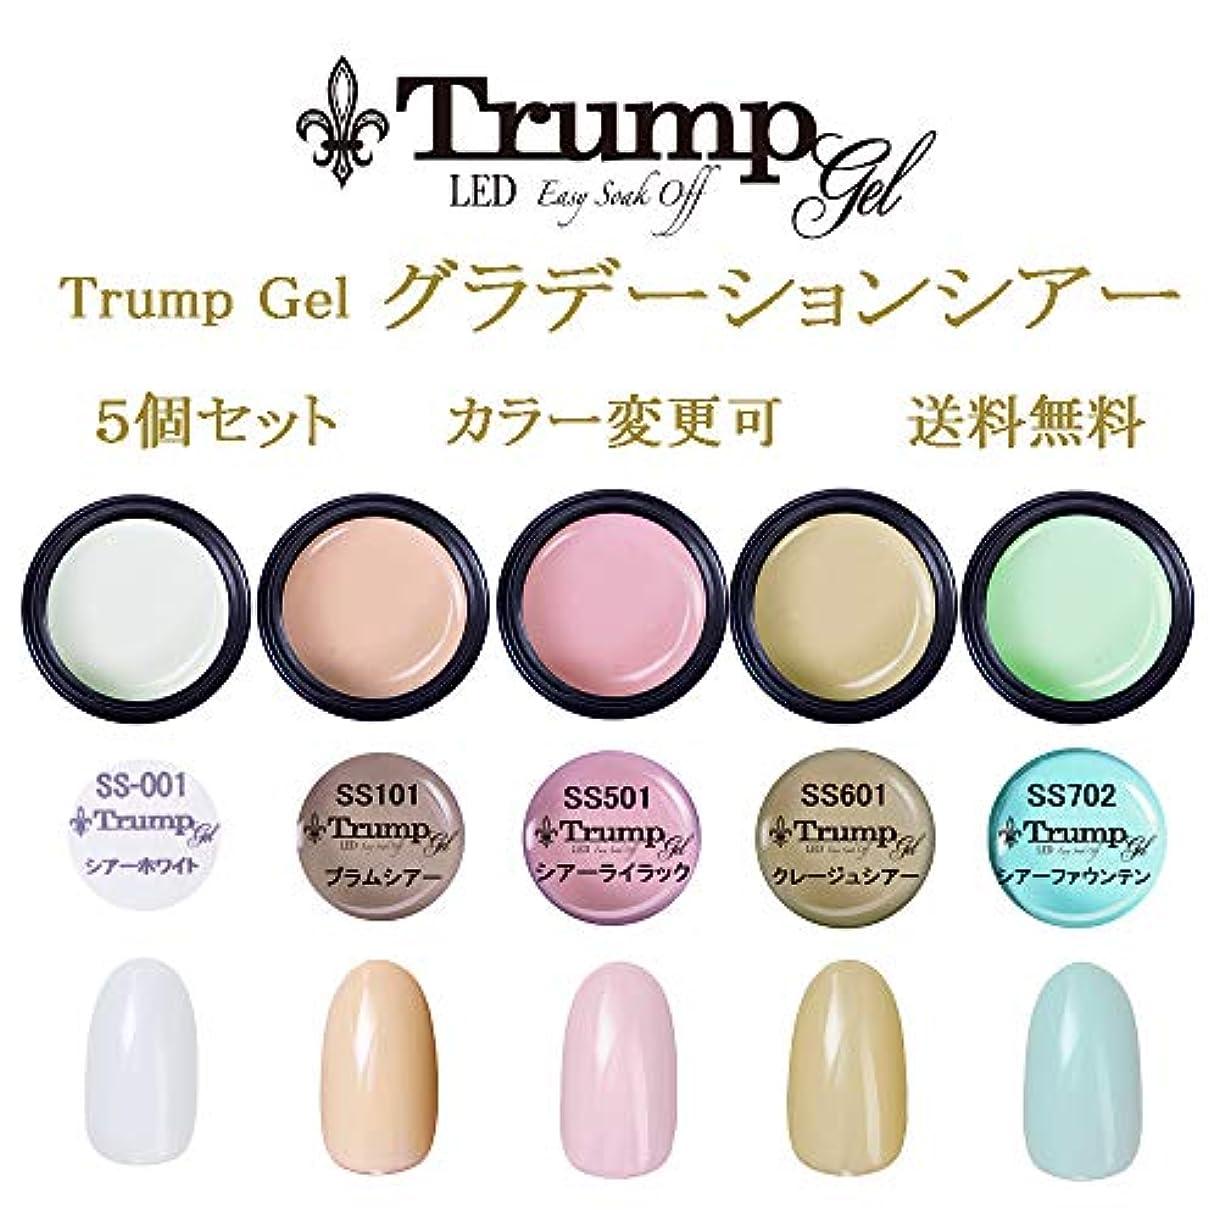 抽出致死開発日本製 Trump gel トランプジェル グラデーション シアーカラー 選べる カラージェル 5個セット ホワイト ベージュ ピンク イエロー ブルー